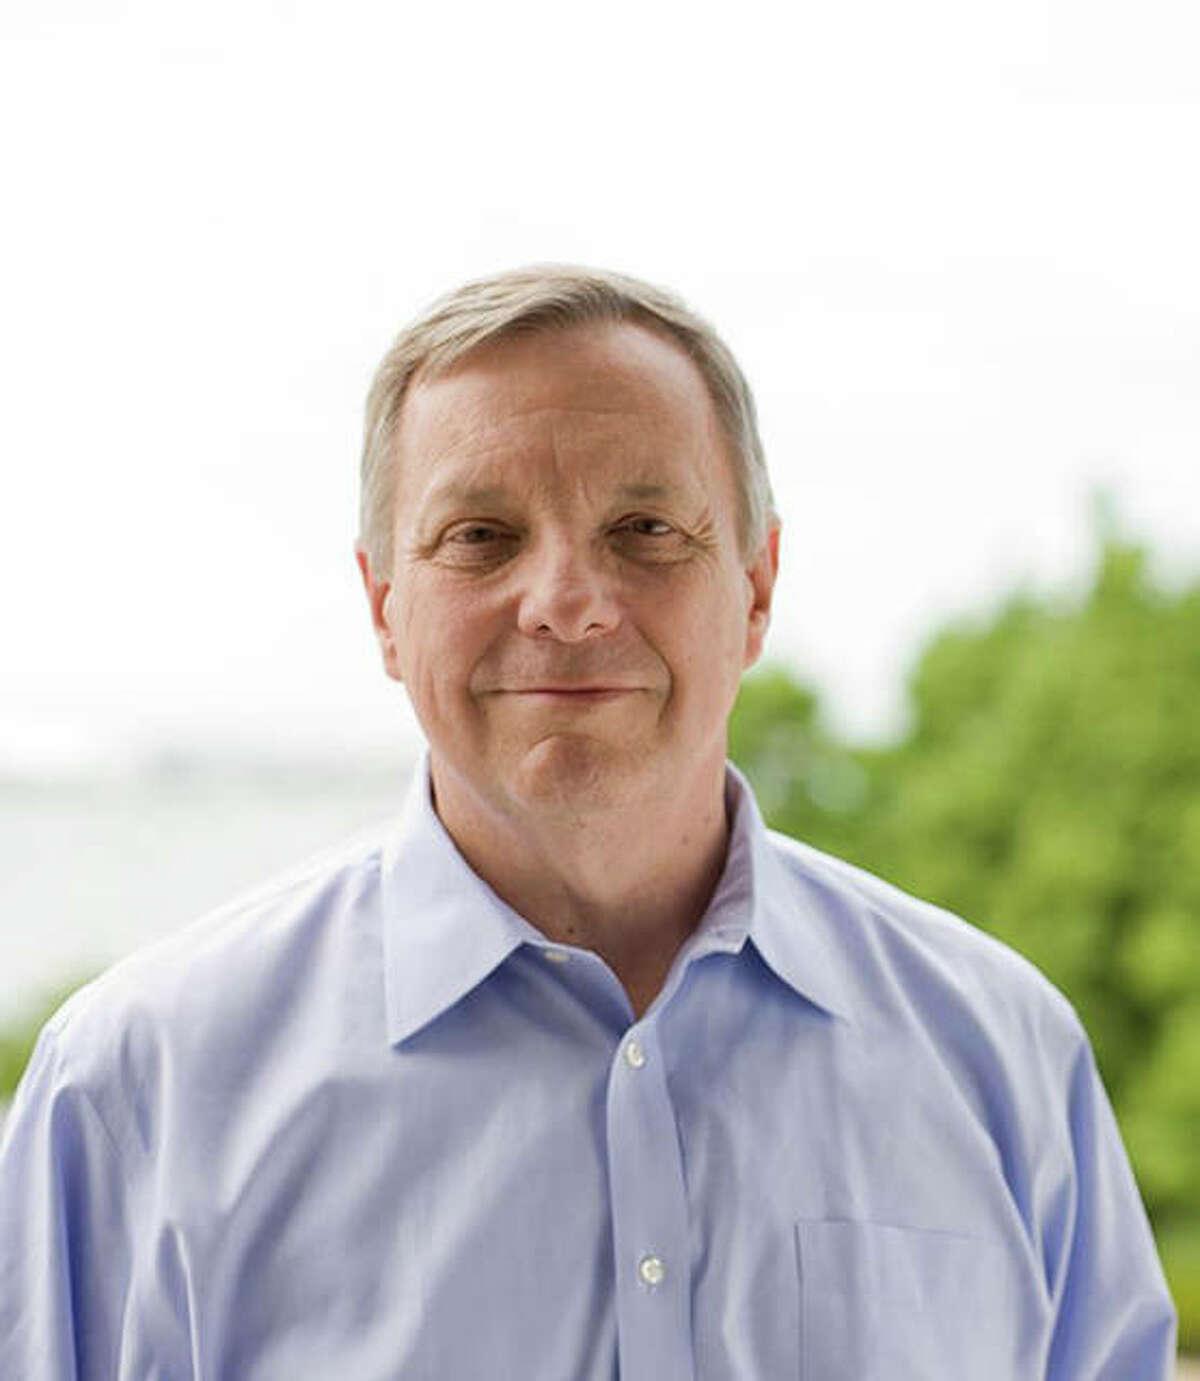 Richard J. Durbin